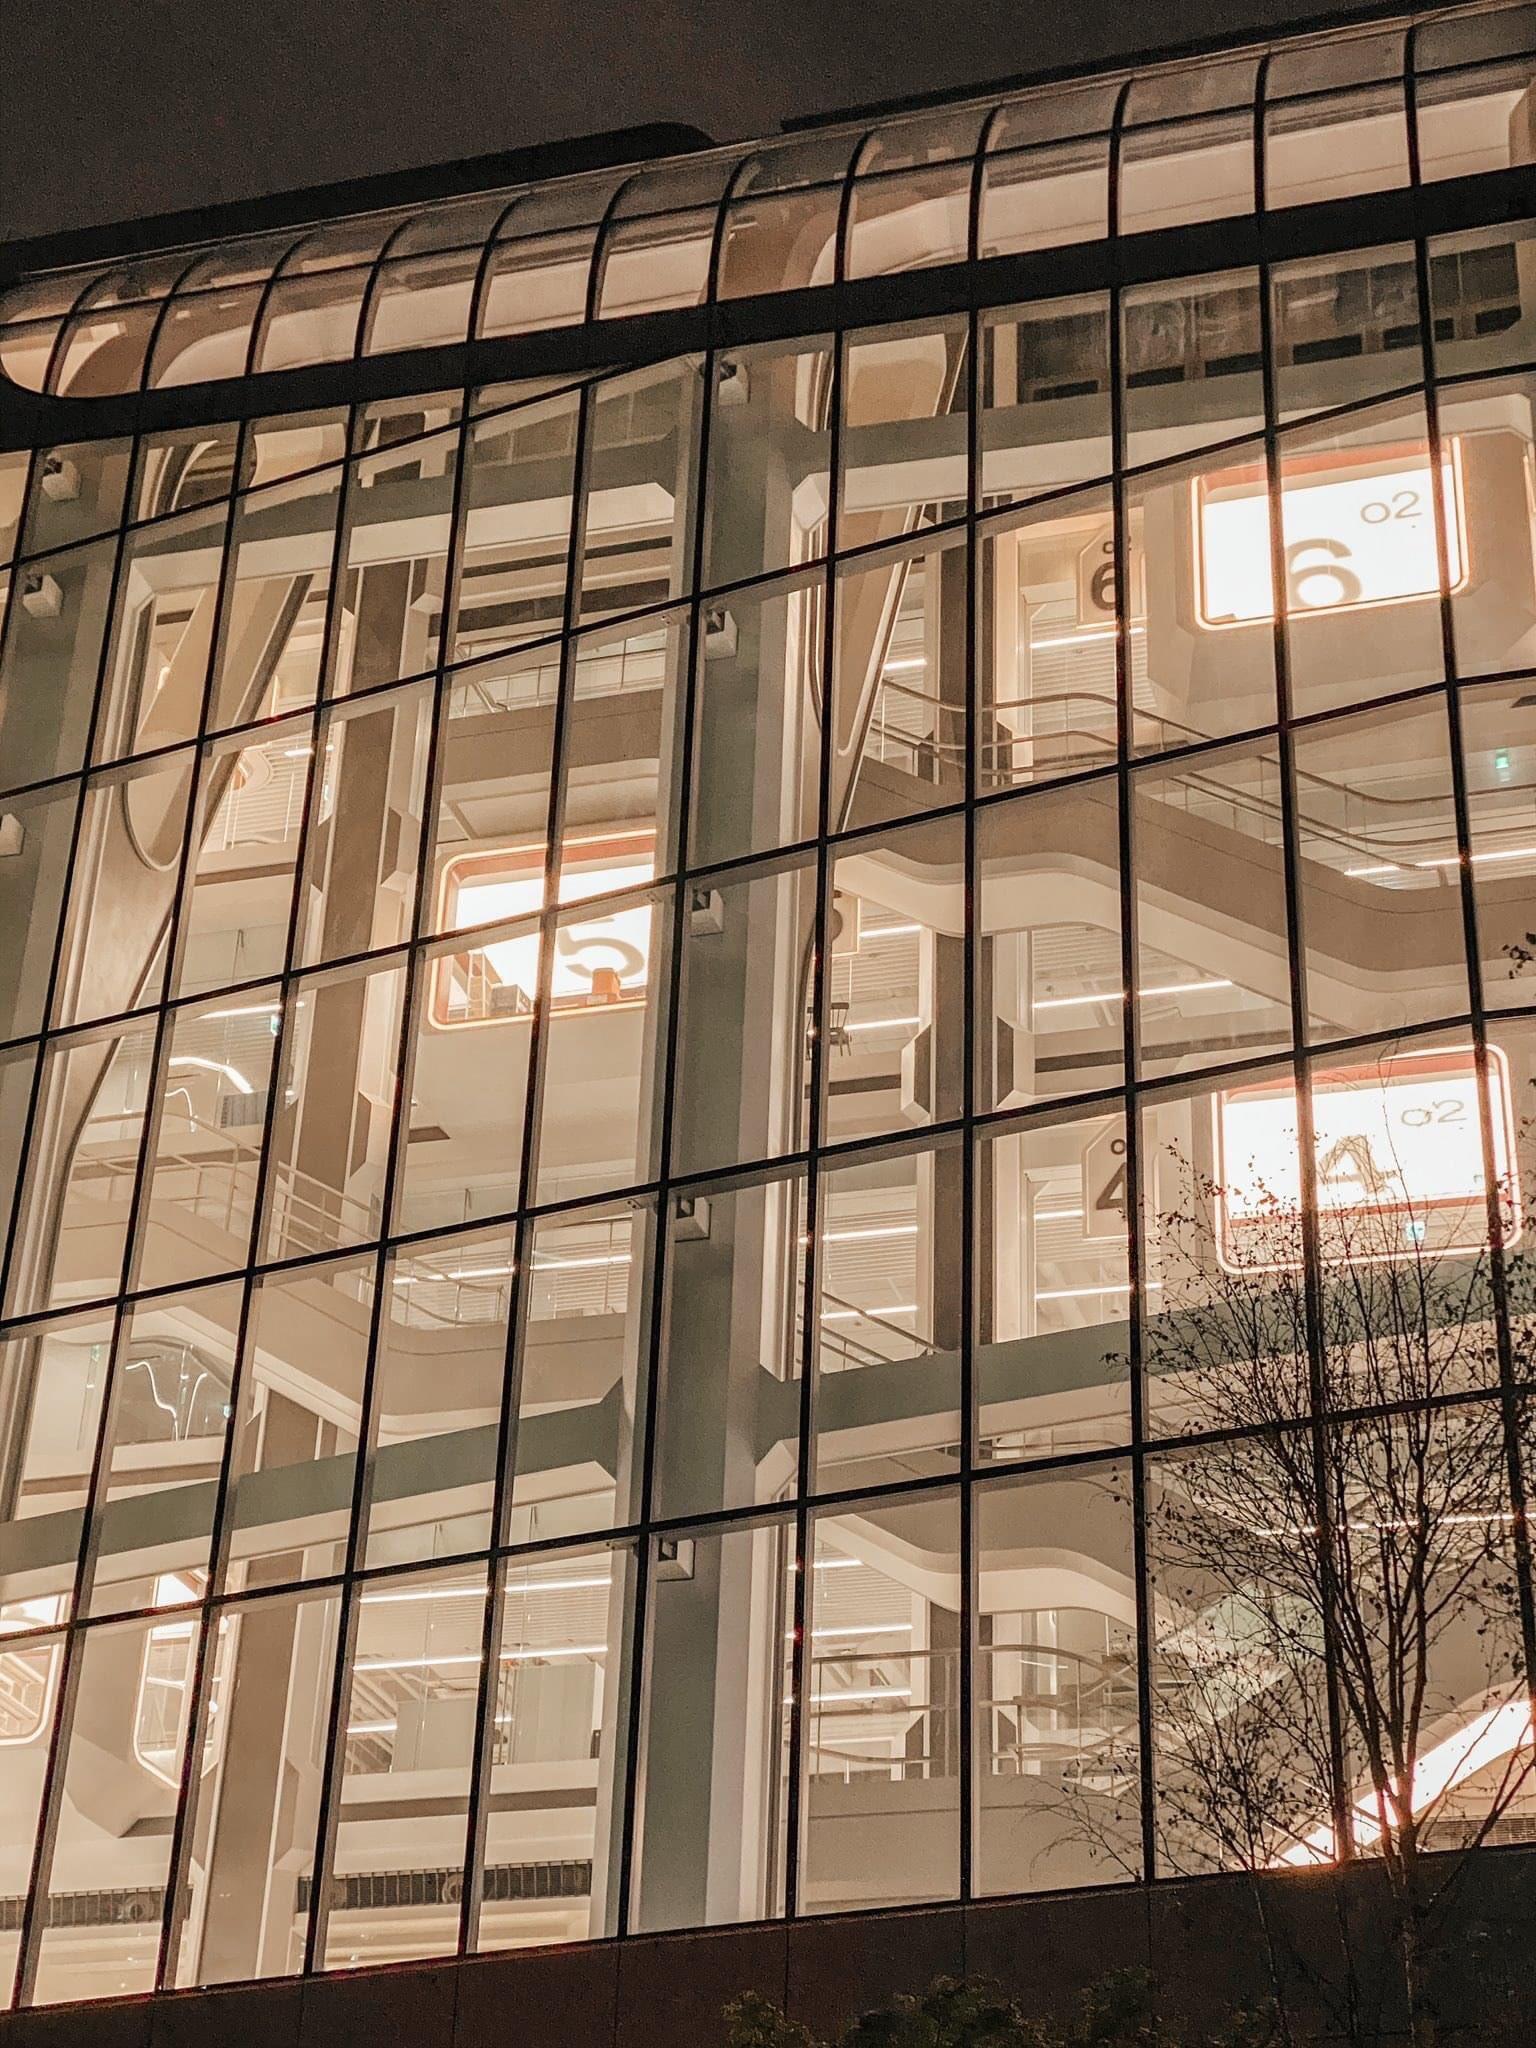 YG娱乐新豪华大楼终于竣工 年底全面入驻 各种设施一应俱全